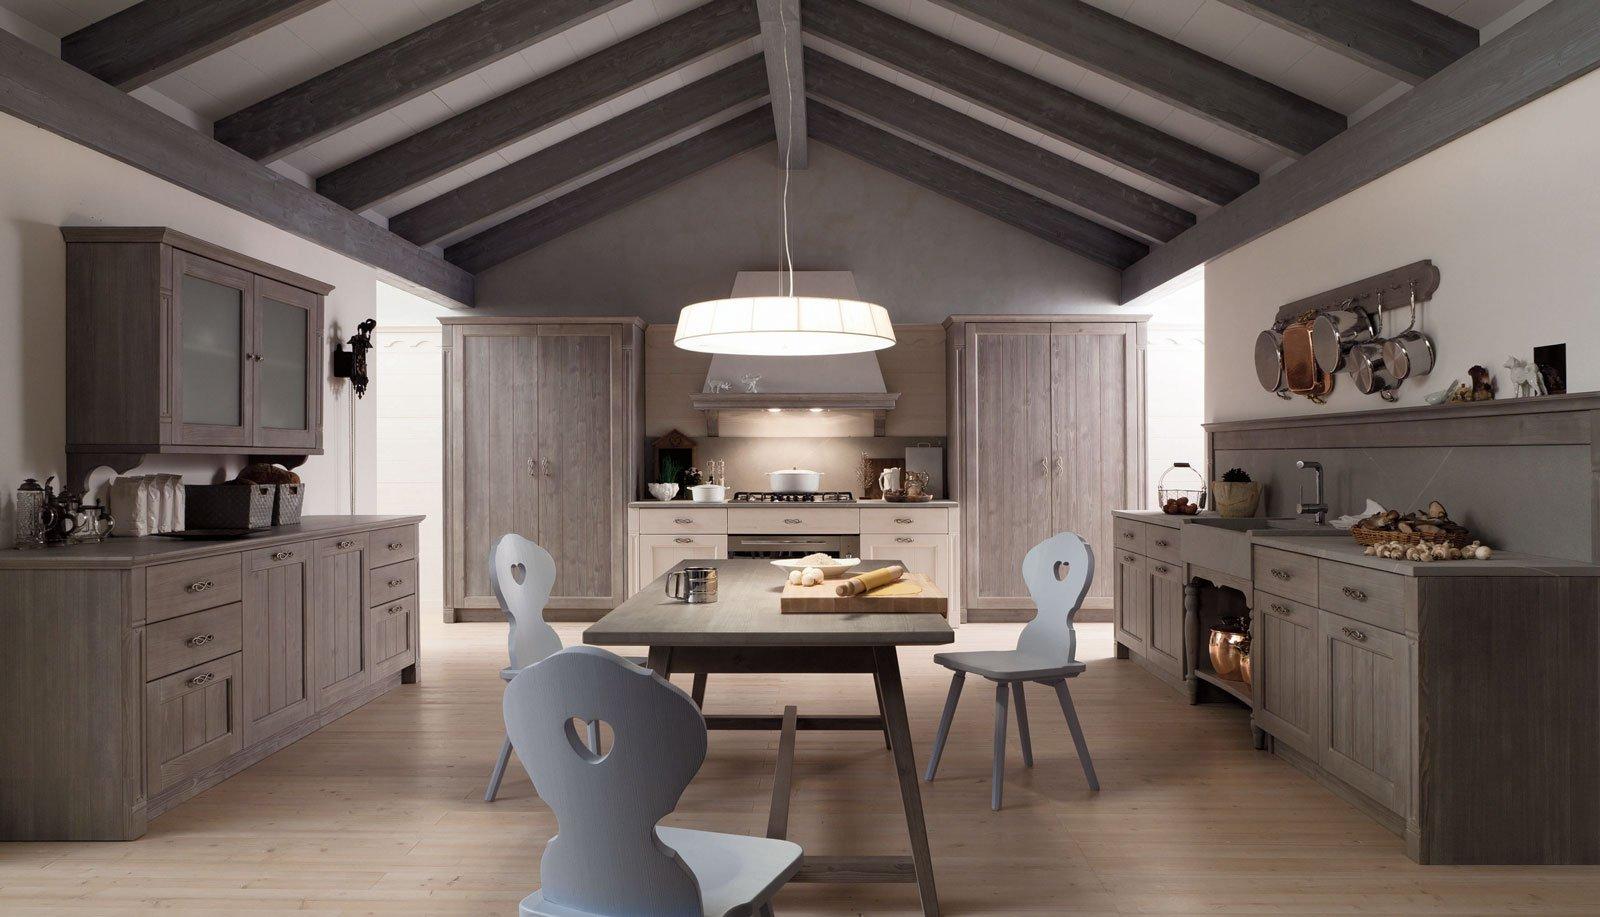 Cucine Stile Barocco Moderno. Idee Per Colorare Soggiorno Idee Per ...